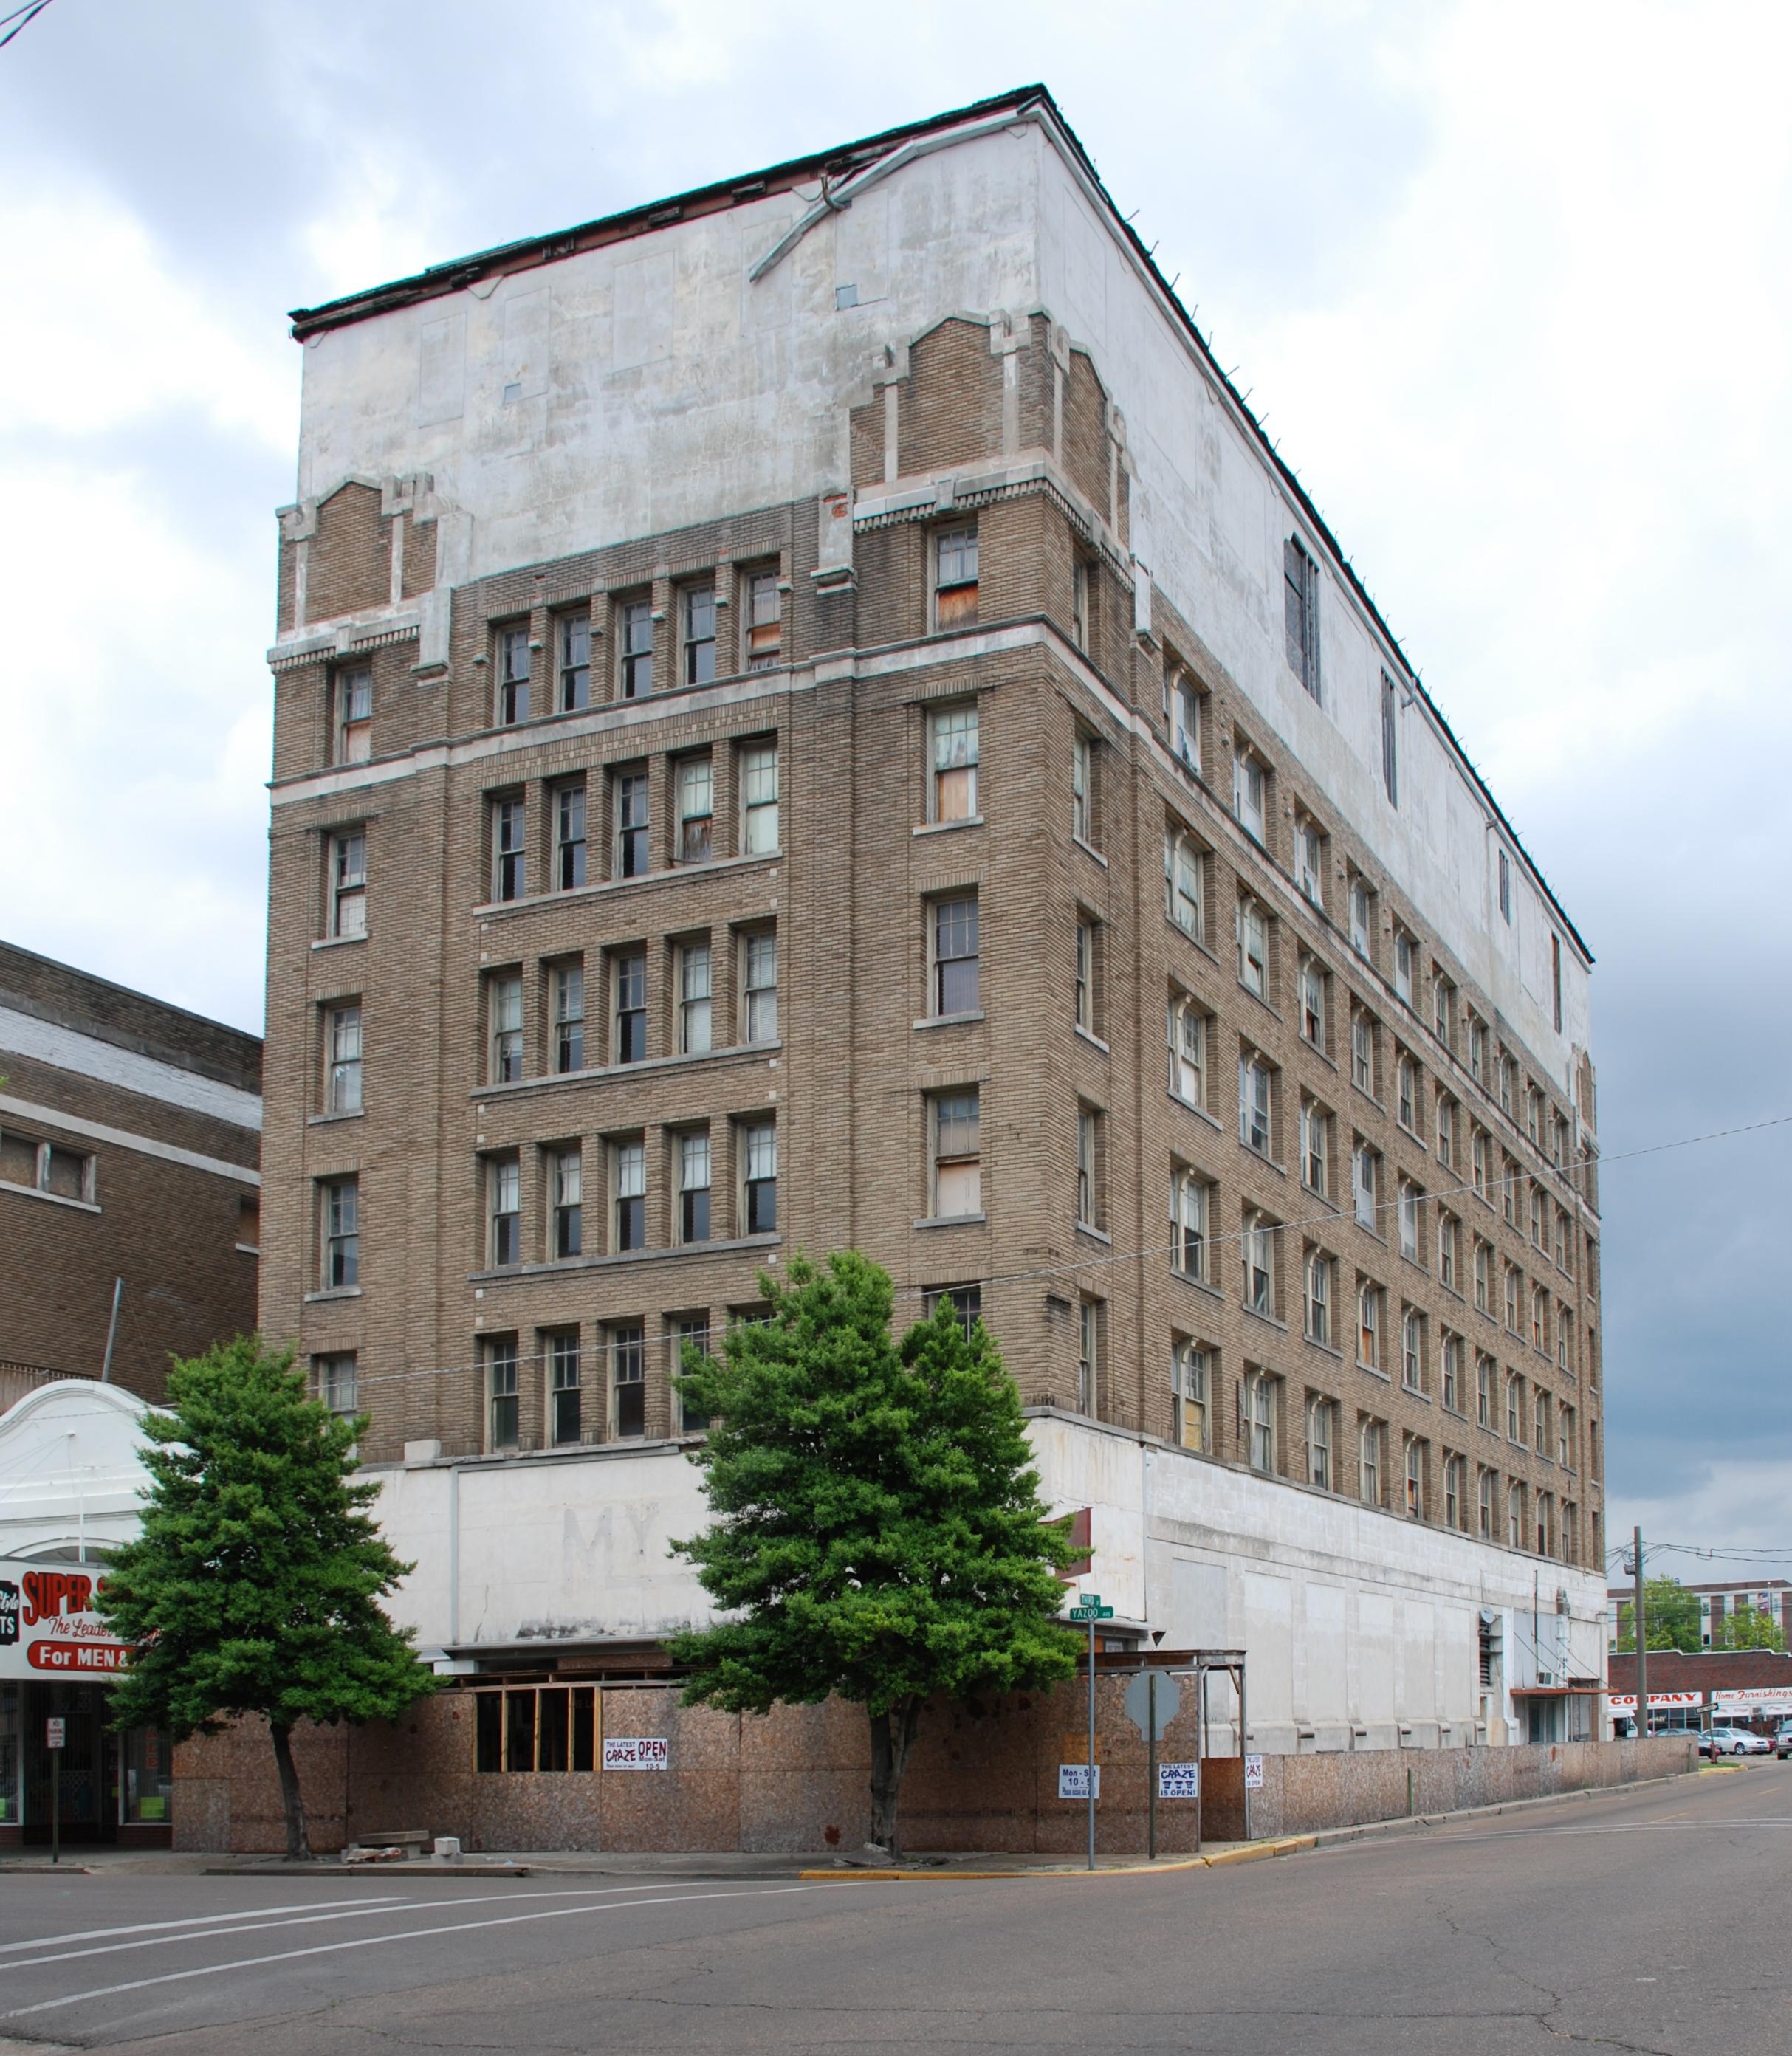 McWilliams Building